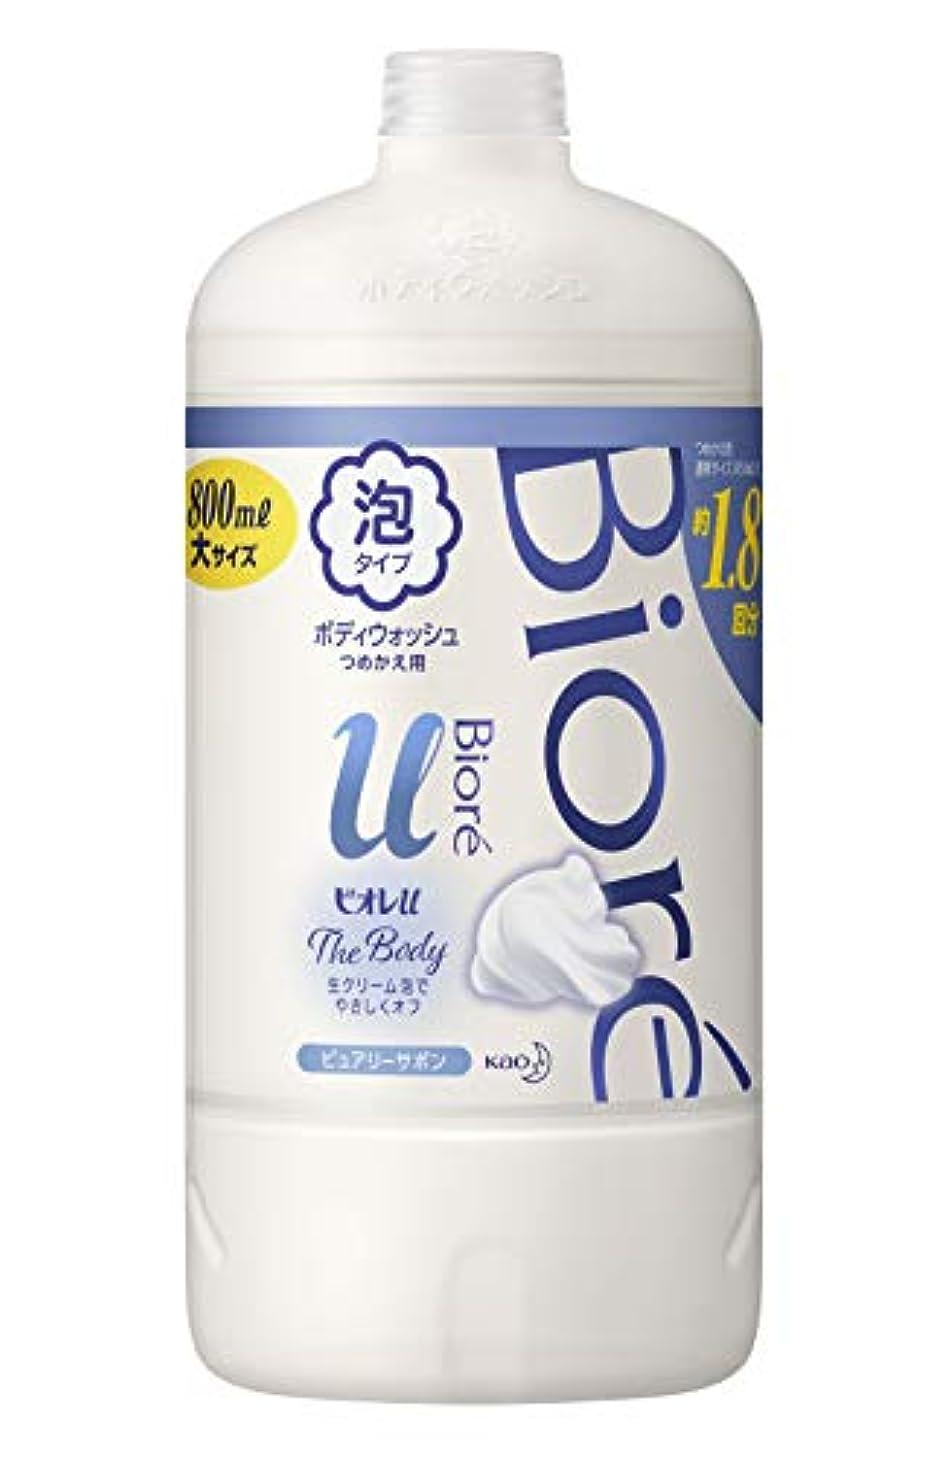 備品キネマティクス反論【大容量】 ビオレu ザ ボディ 〔 The Body 〕 泡タイプ ピュアリーサボンの香り つめかえ用 800ml 「高潤滑処方の生クリーム泡」 ボディソープ 清潔感のあるピュアリーサボンの香り